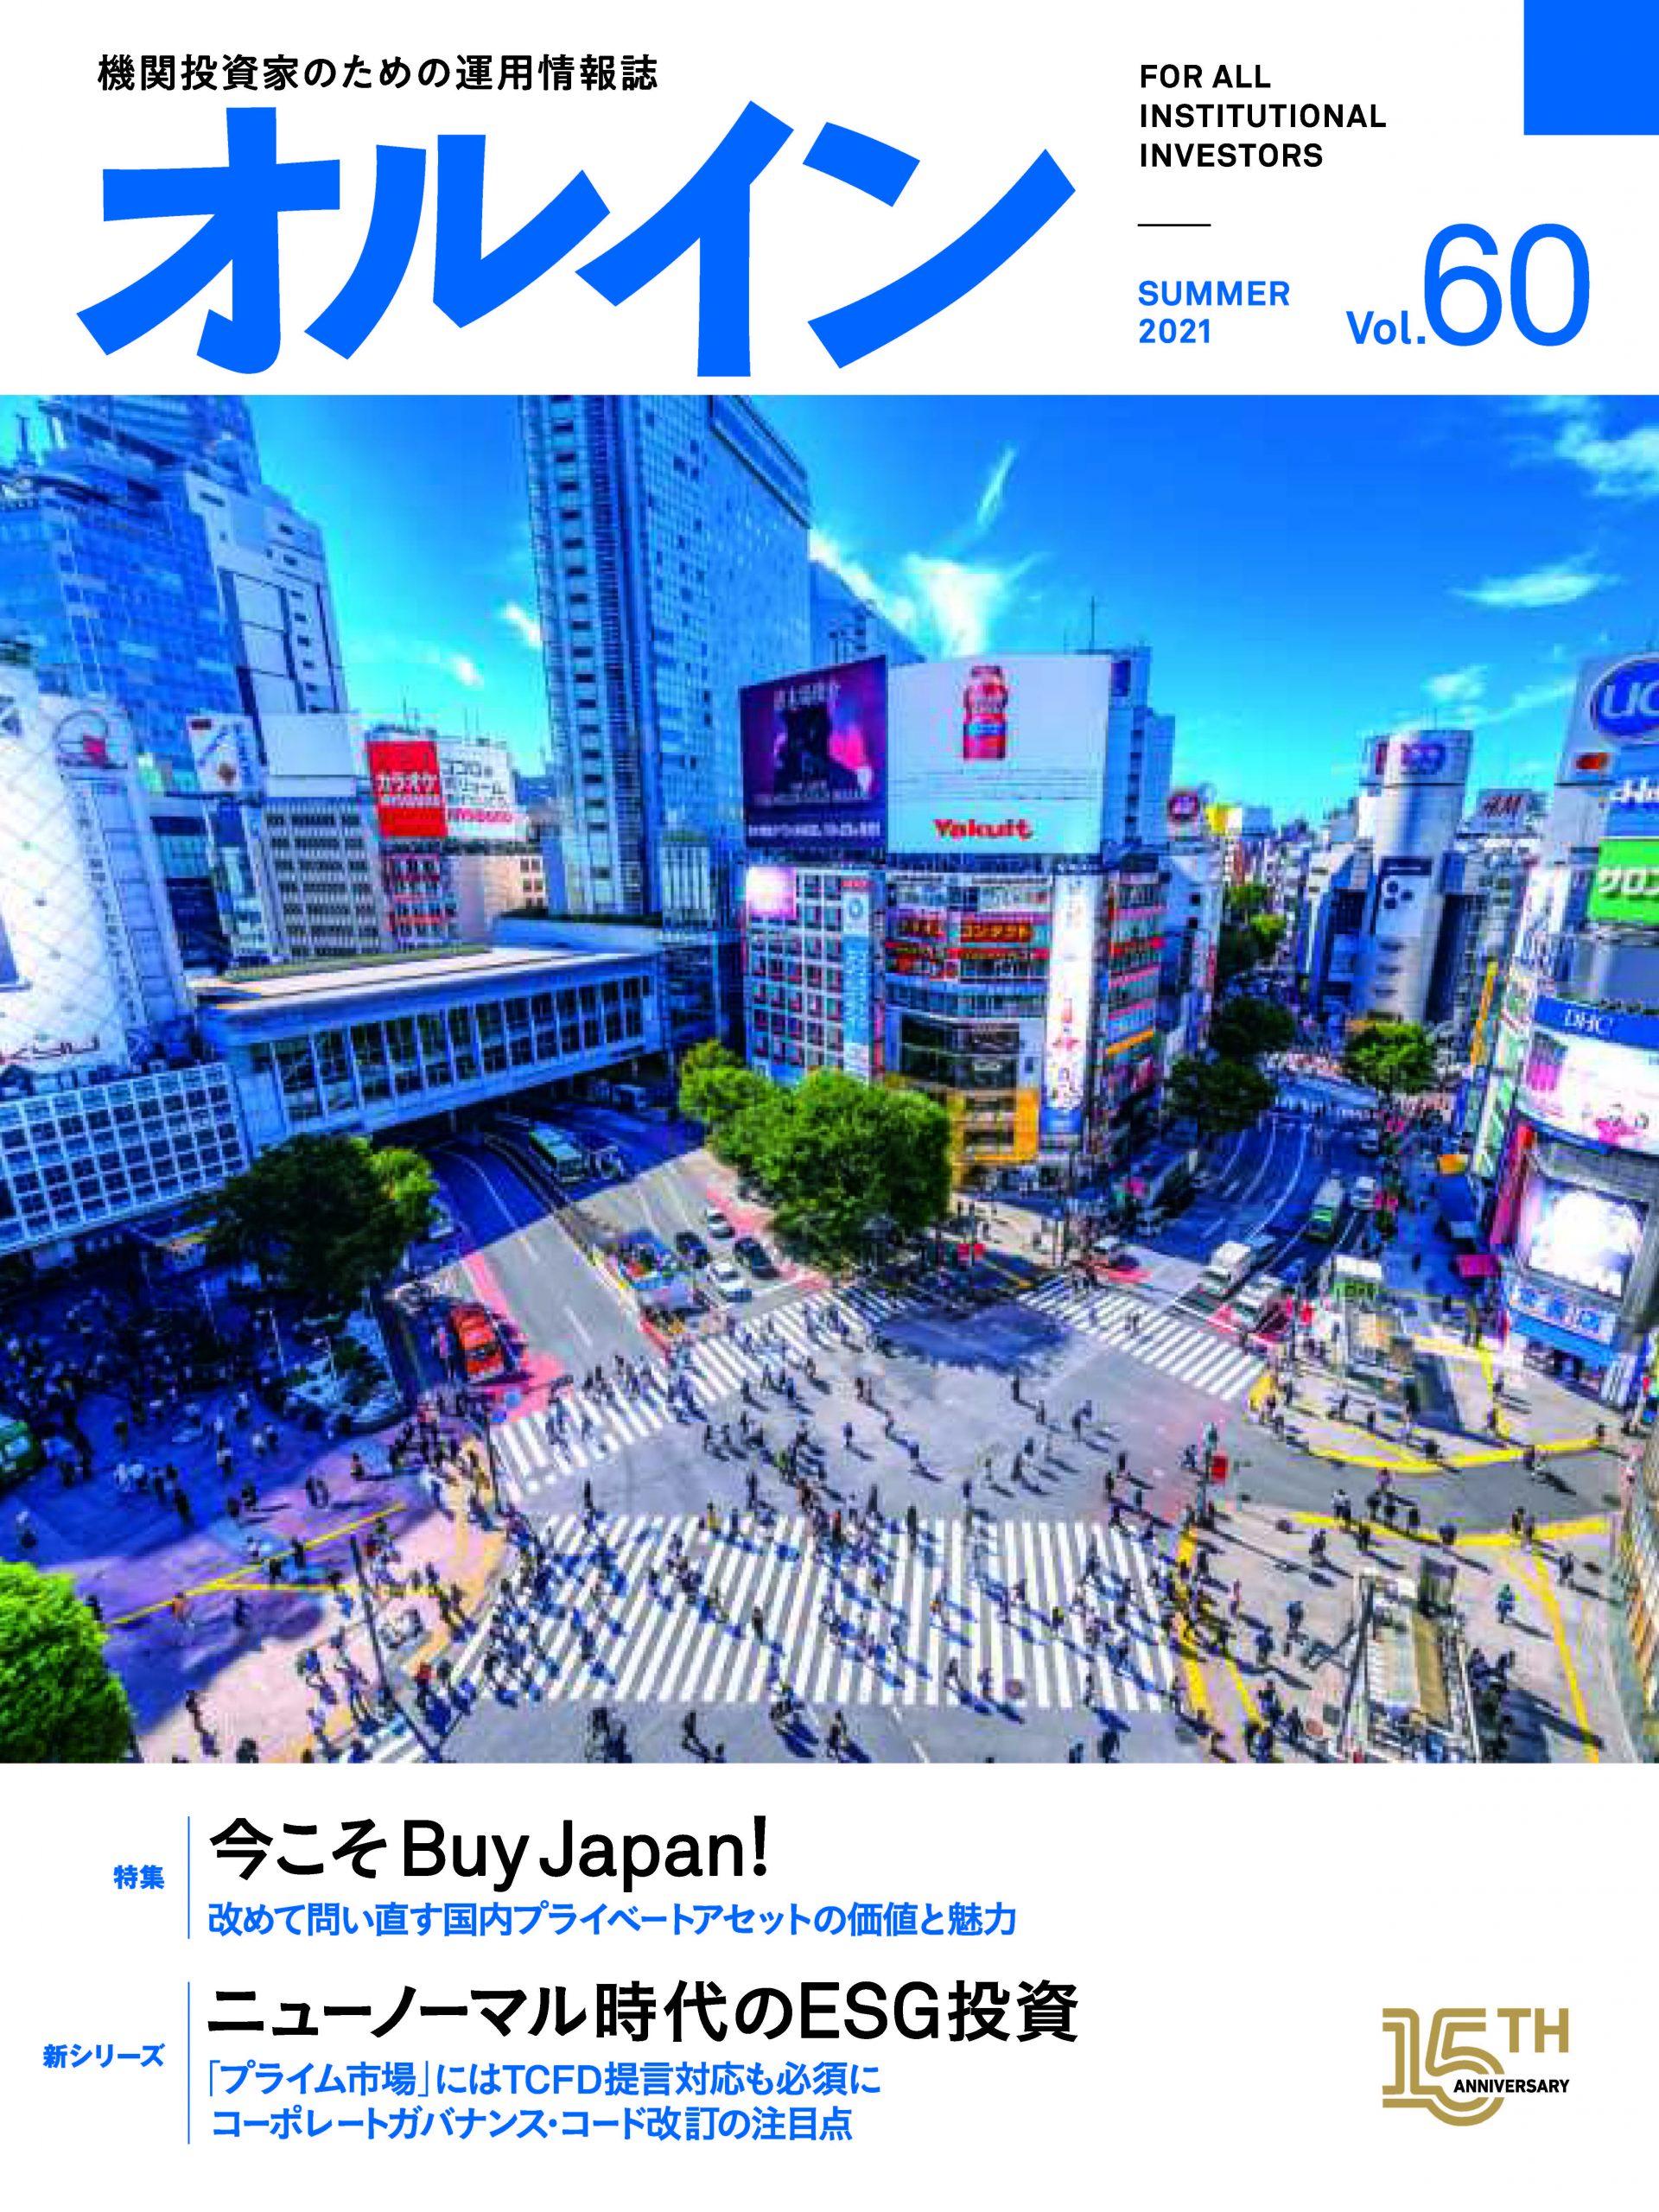 オル・イン Vol.60 2021年夏号 (6月25日発行)